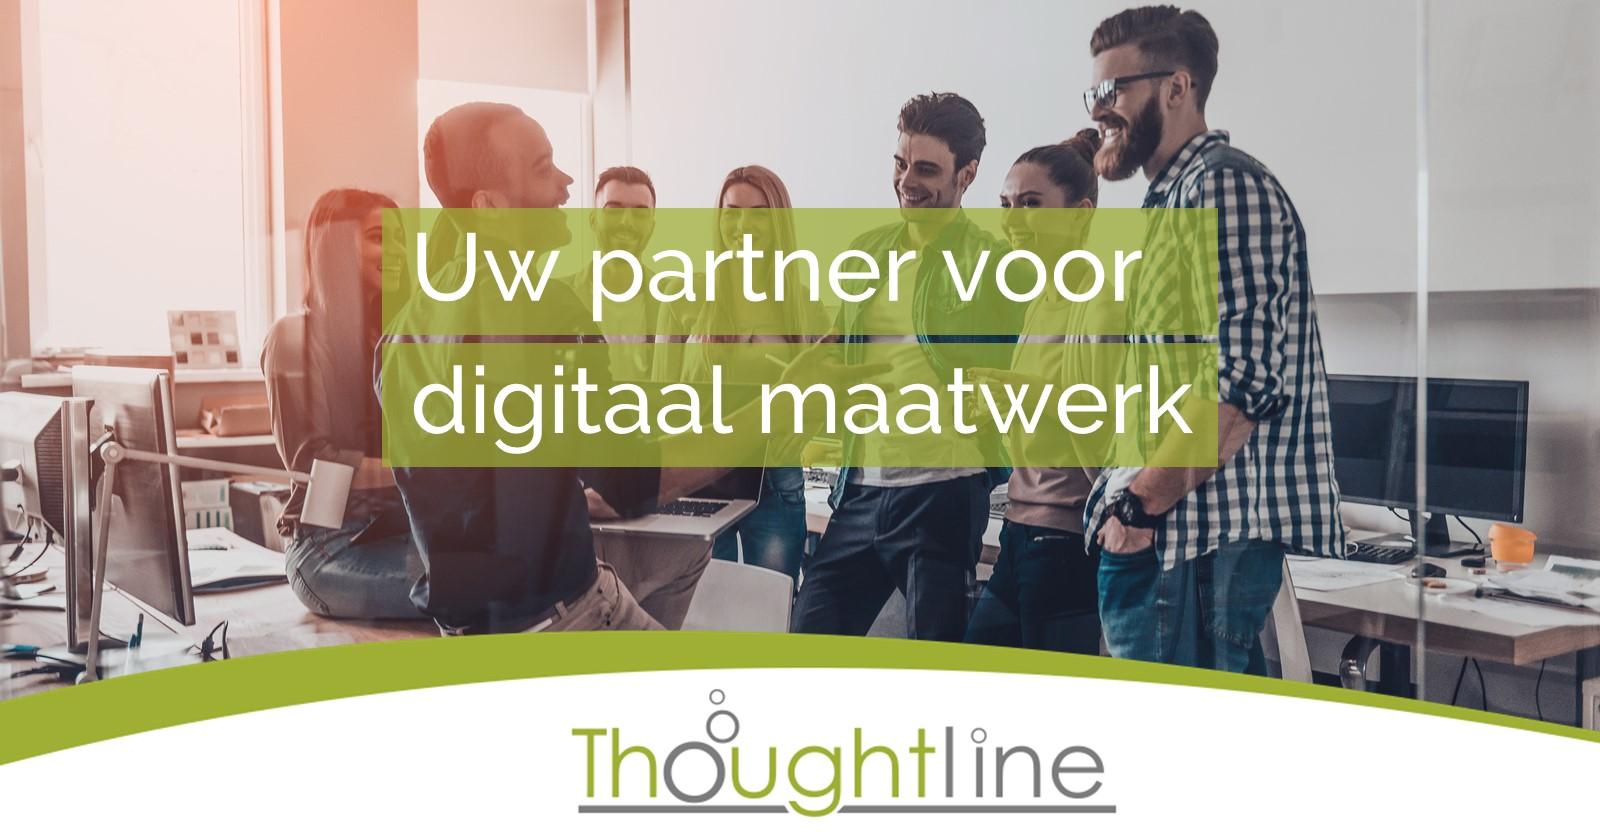 2. Uw partner voor digitaal maatwerk Facebook